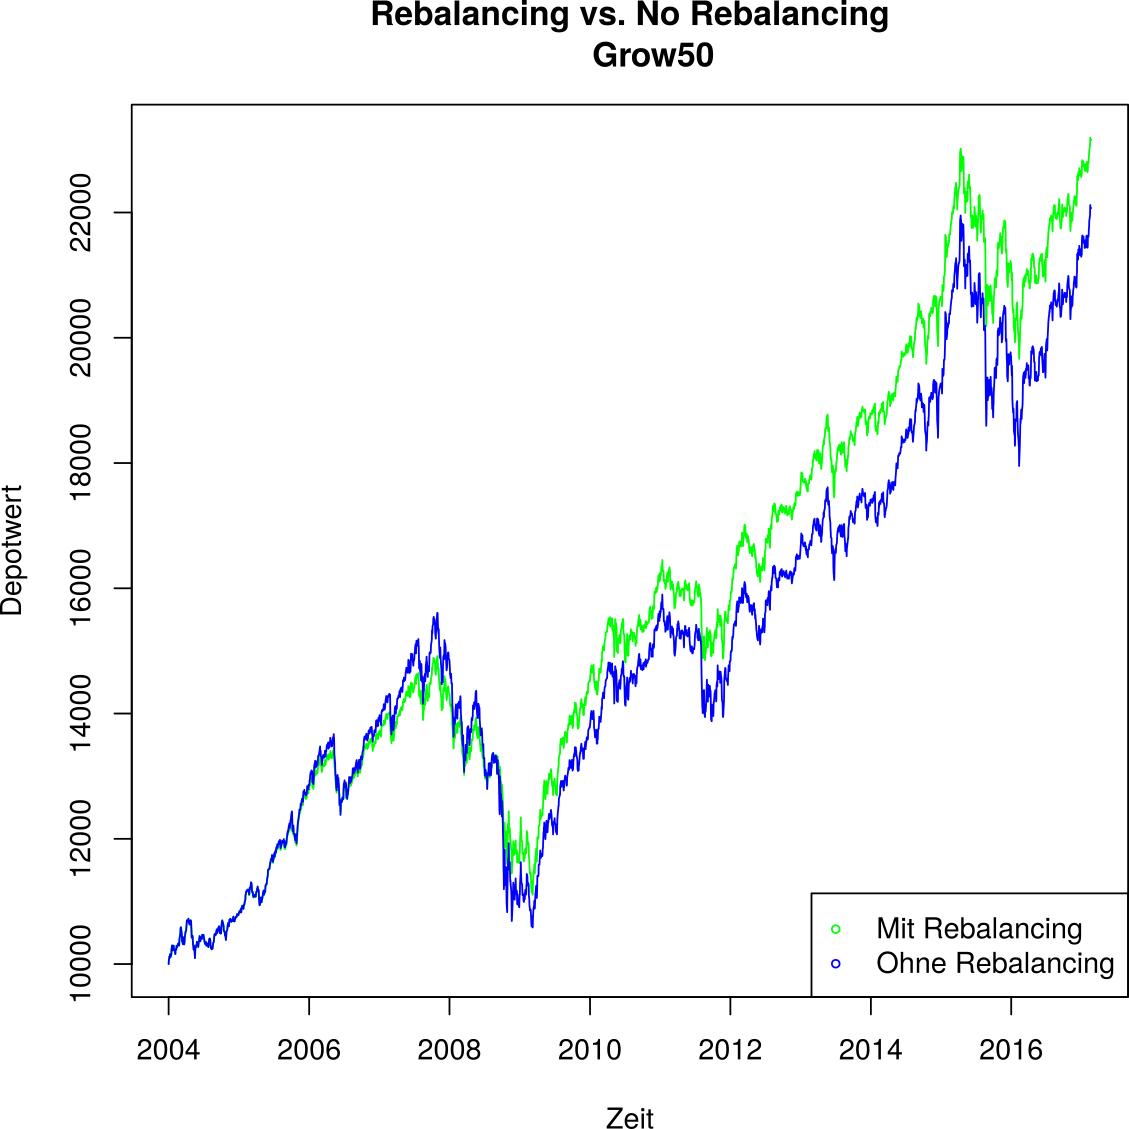 Rebalancing bei growney